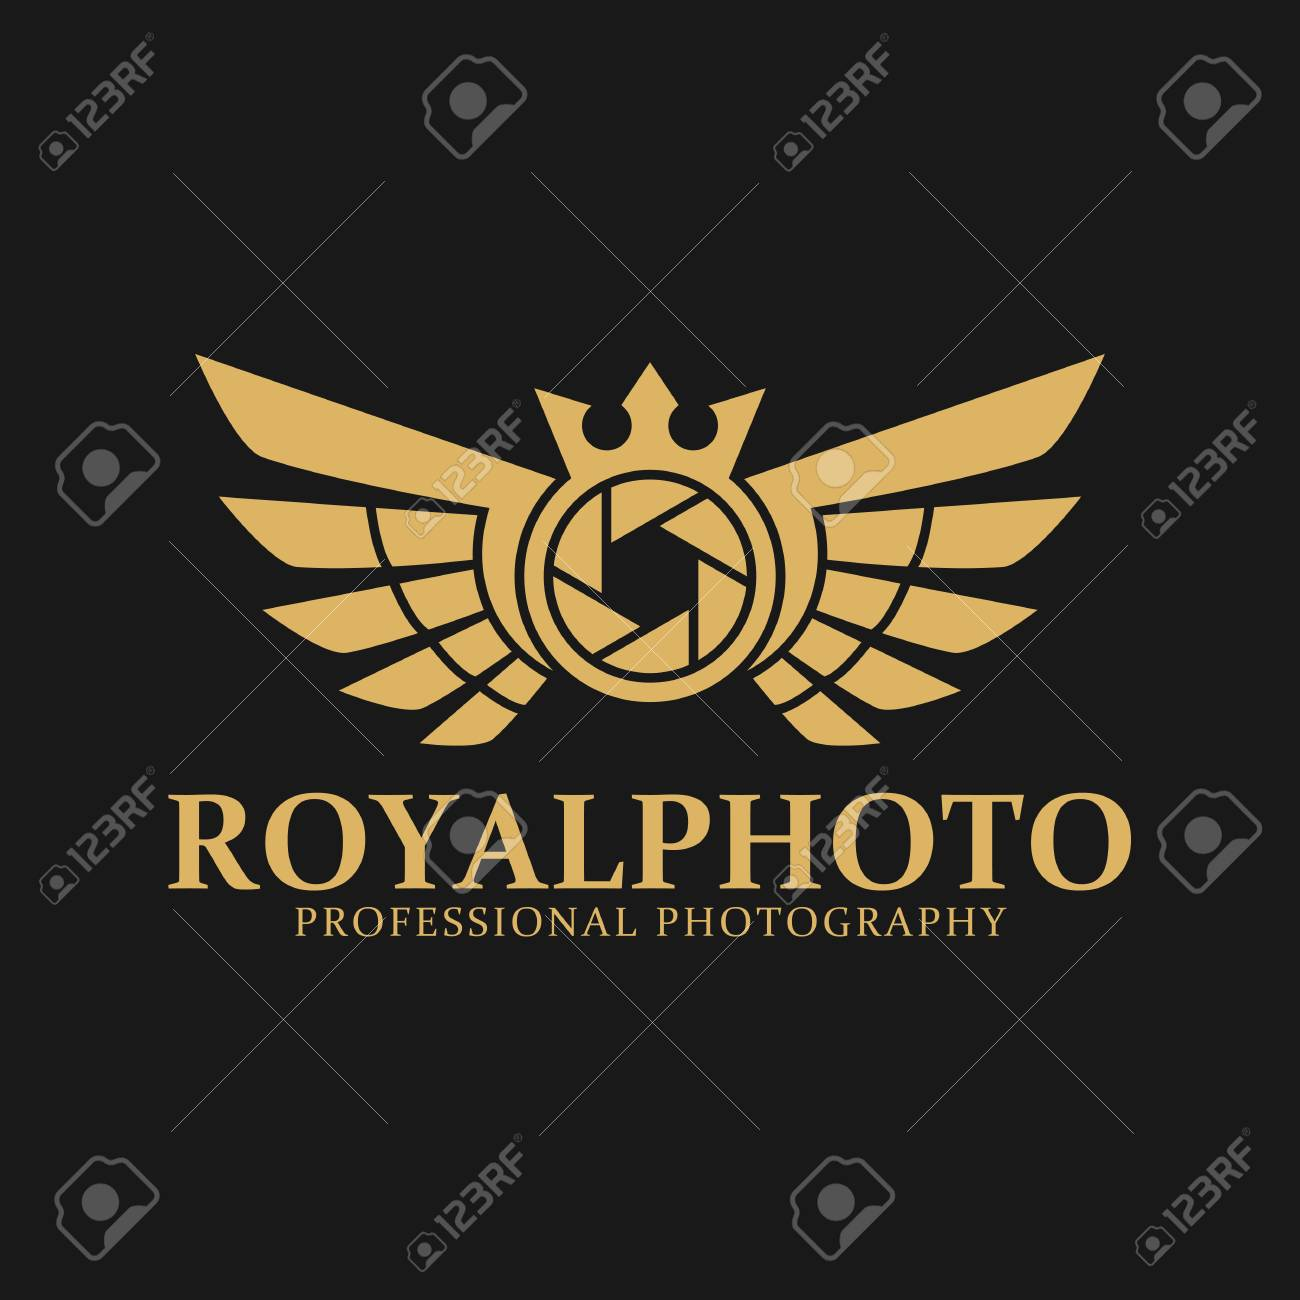 Logo stylish for photography